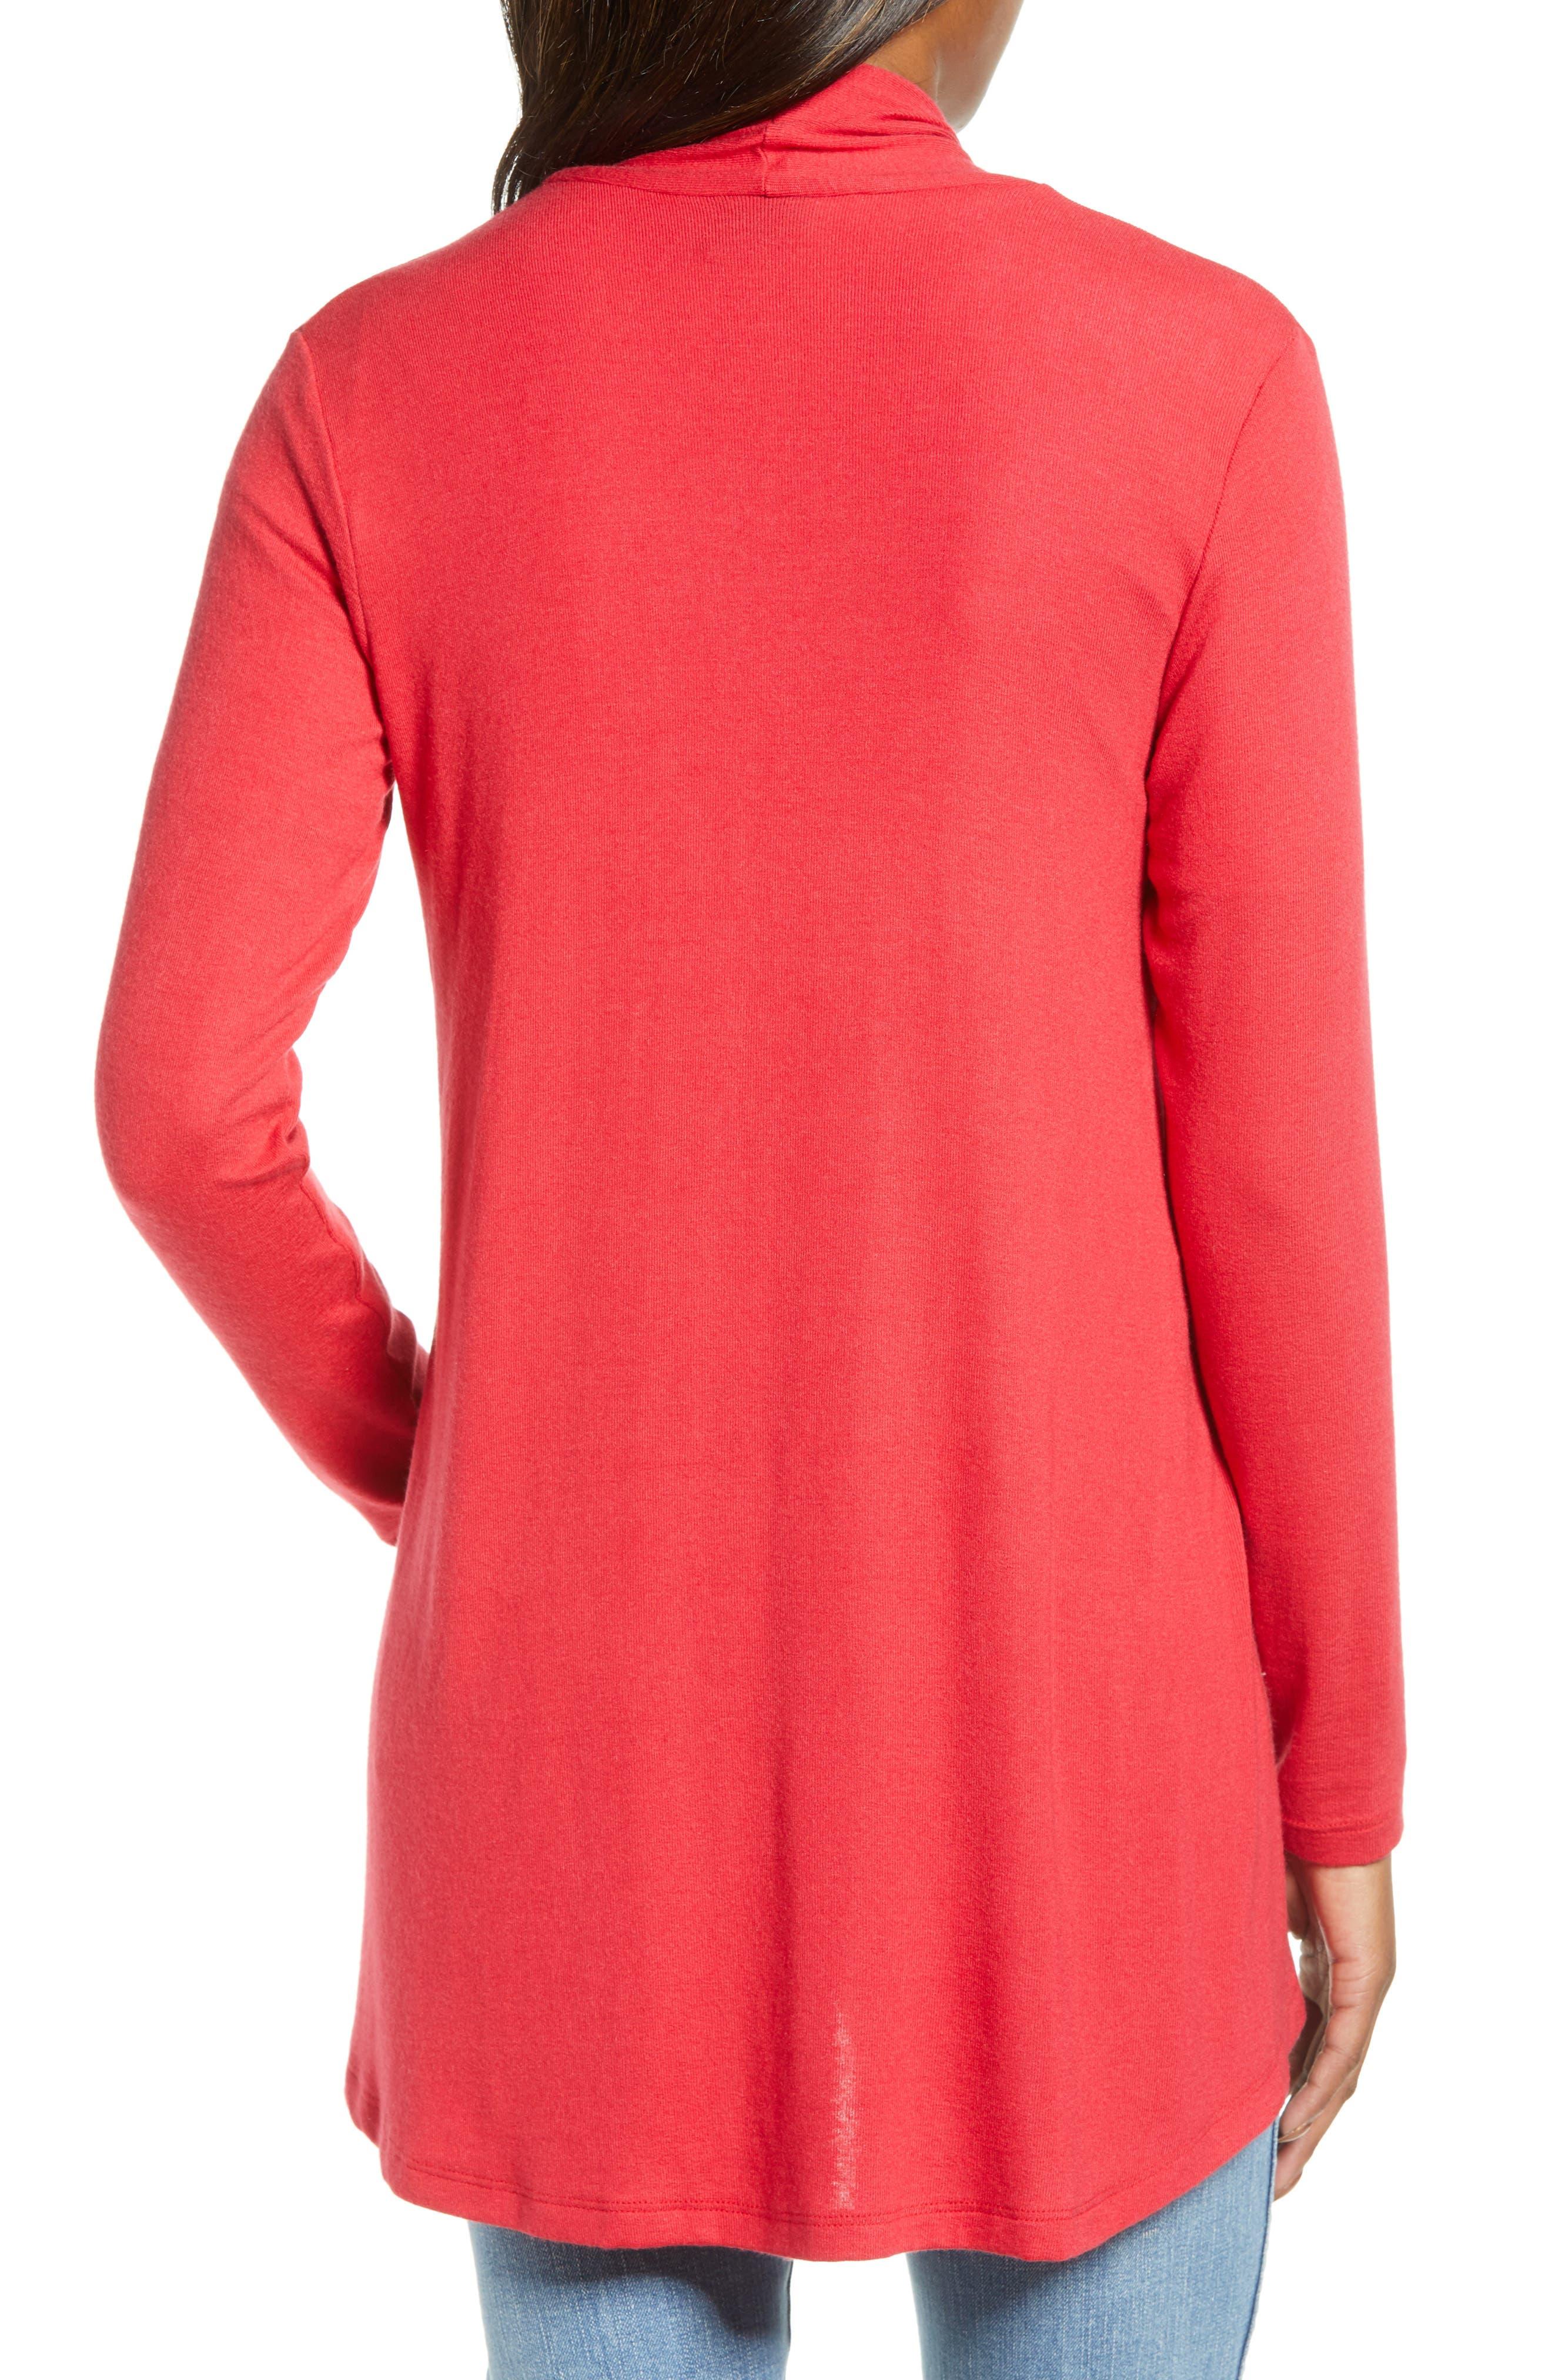 2813f7d3904 Women s Jersey Knit Sweaters